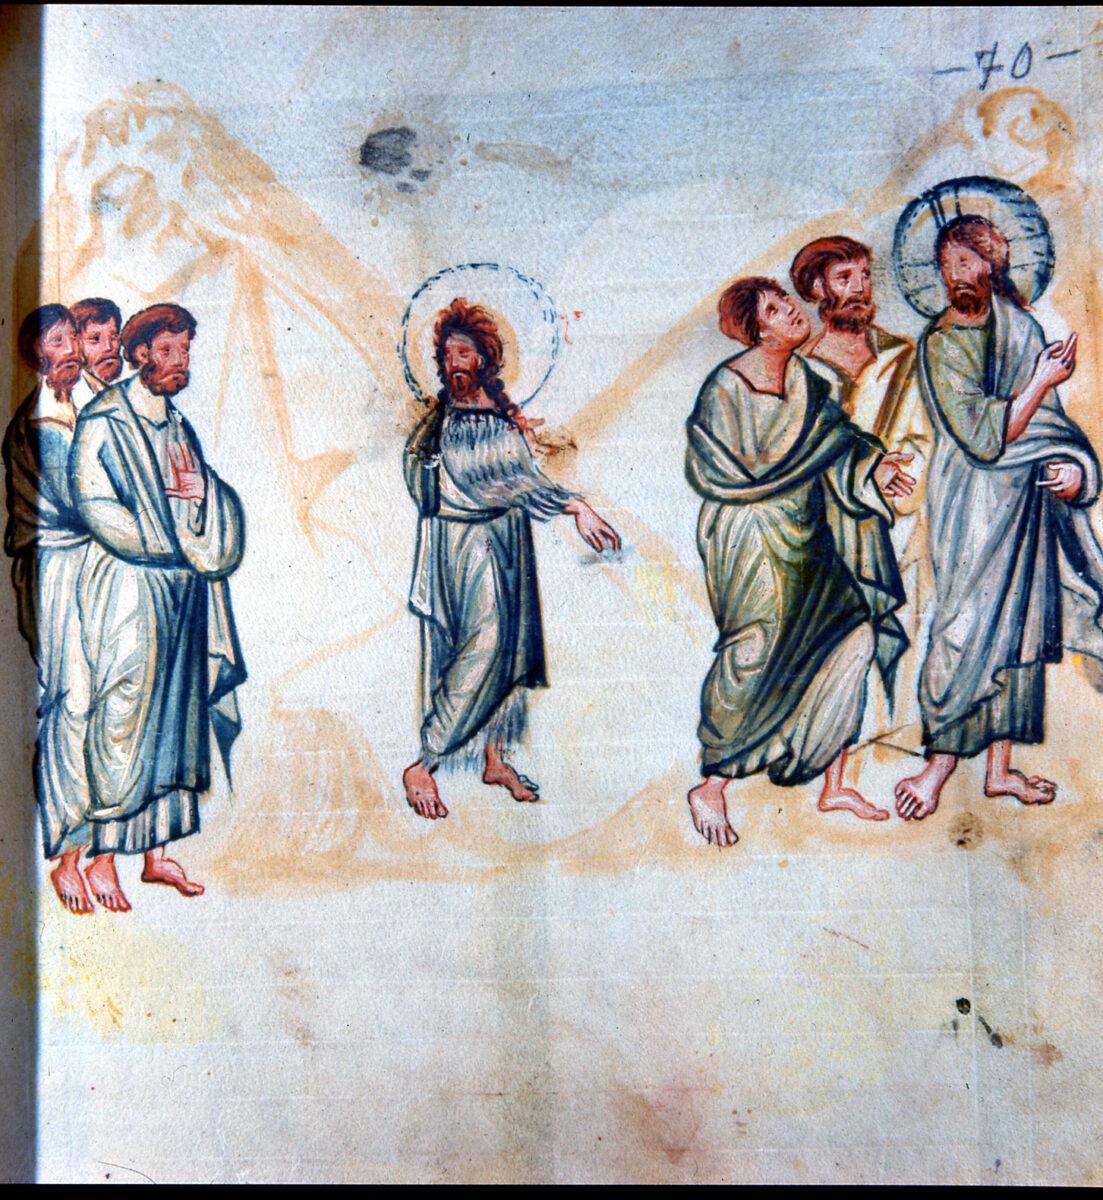 Χειρόγραφο της Μονής Μεγίστης Λαύρας (φωτ.: ΑΠΕ-ΜΠΕ / Πατριαρχικό Ίδρυμα Πατερικών Μελετών).